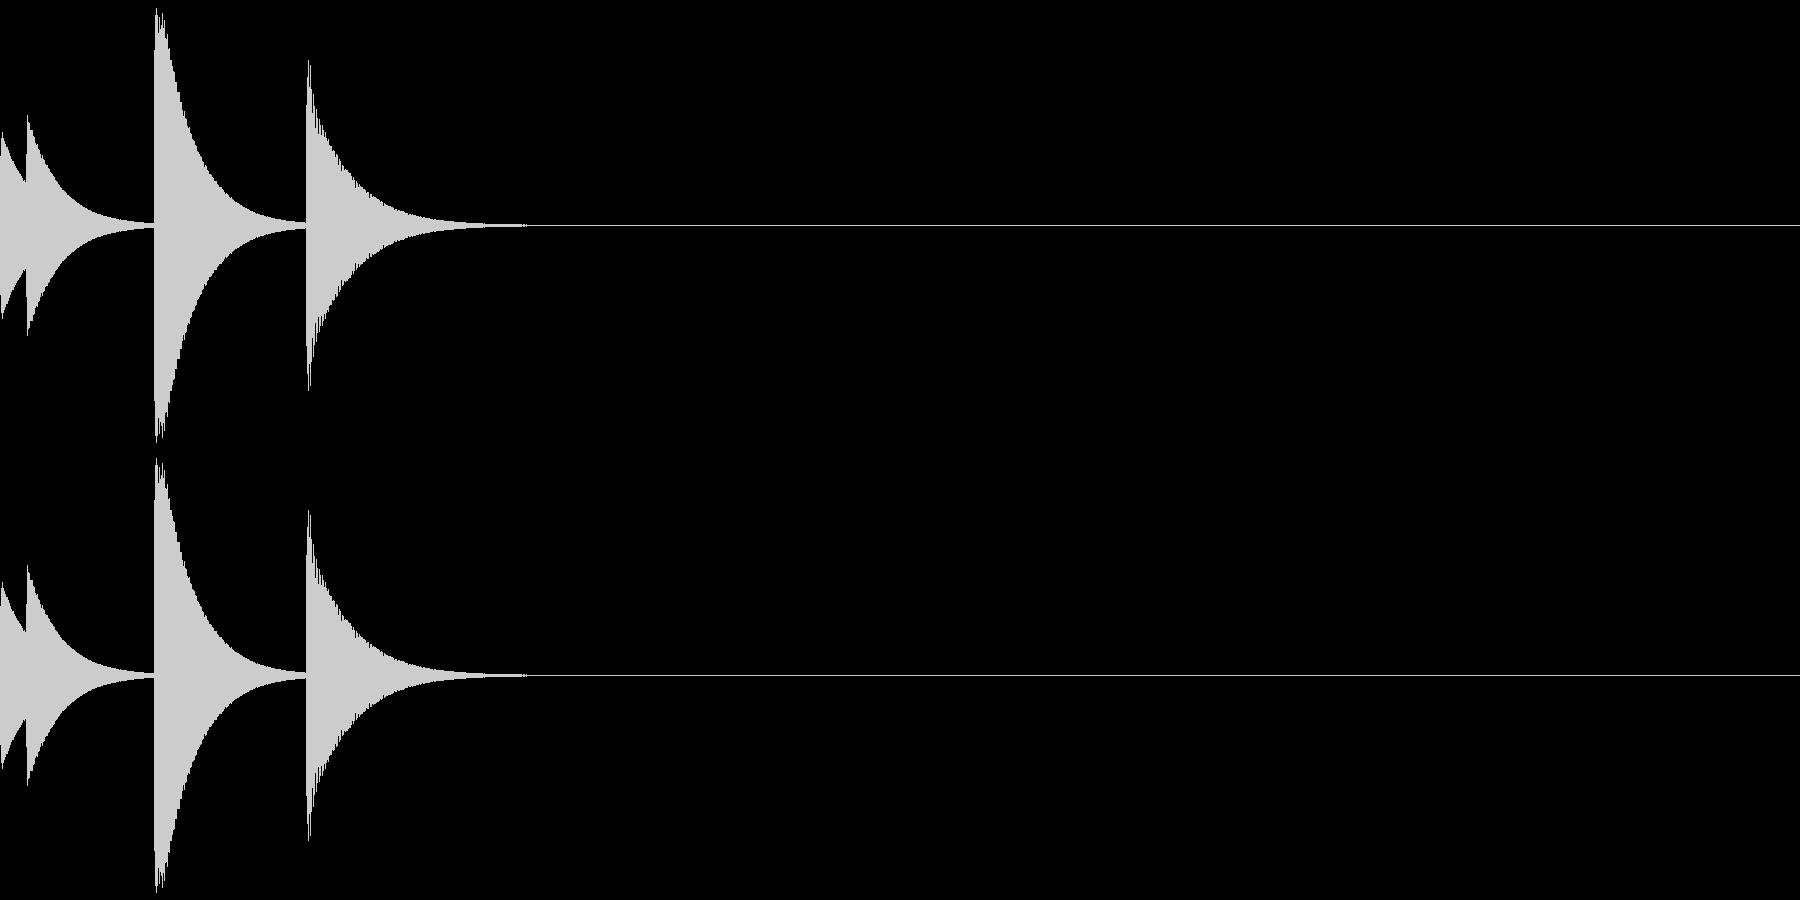 ポップアップ/システム音/ポコ/7の未再生の波形